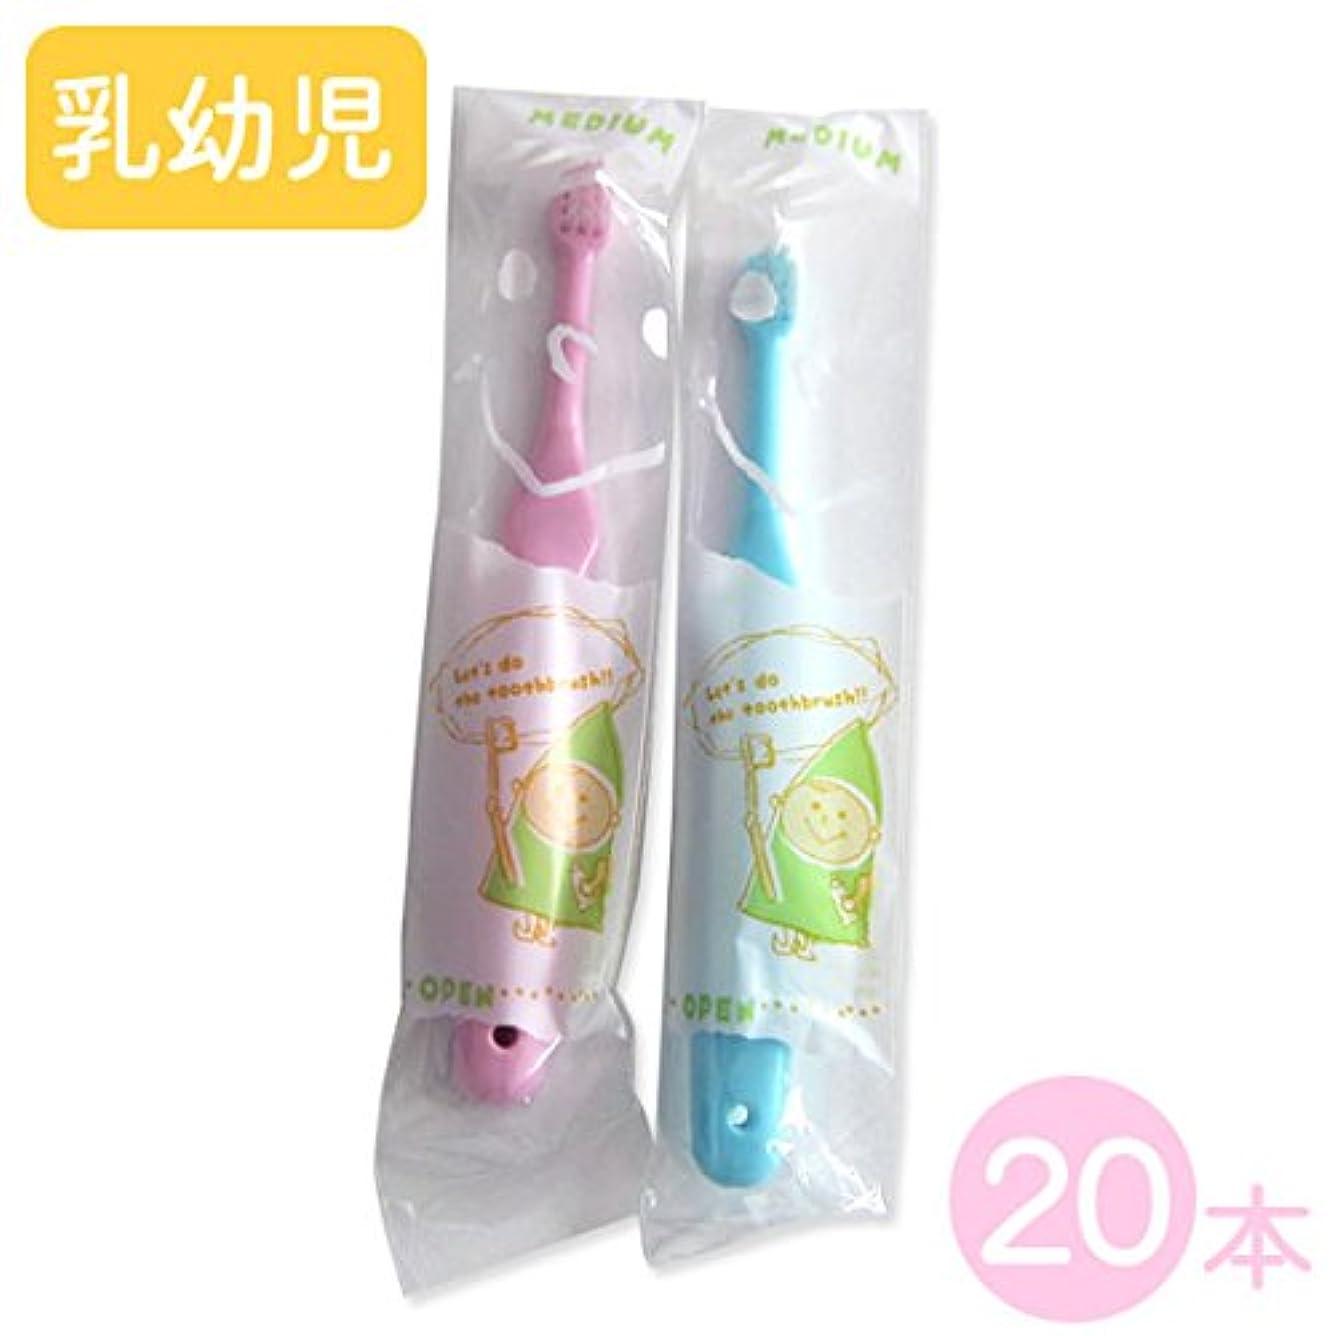 クーポンタップ黄ばむラピス 子供 歯ブラシ ラピス LA-110 乳幼児 ふつう 20本入り 同梱 ピンク